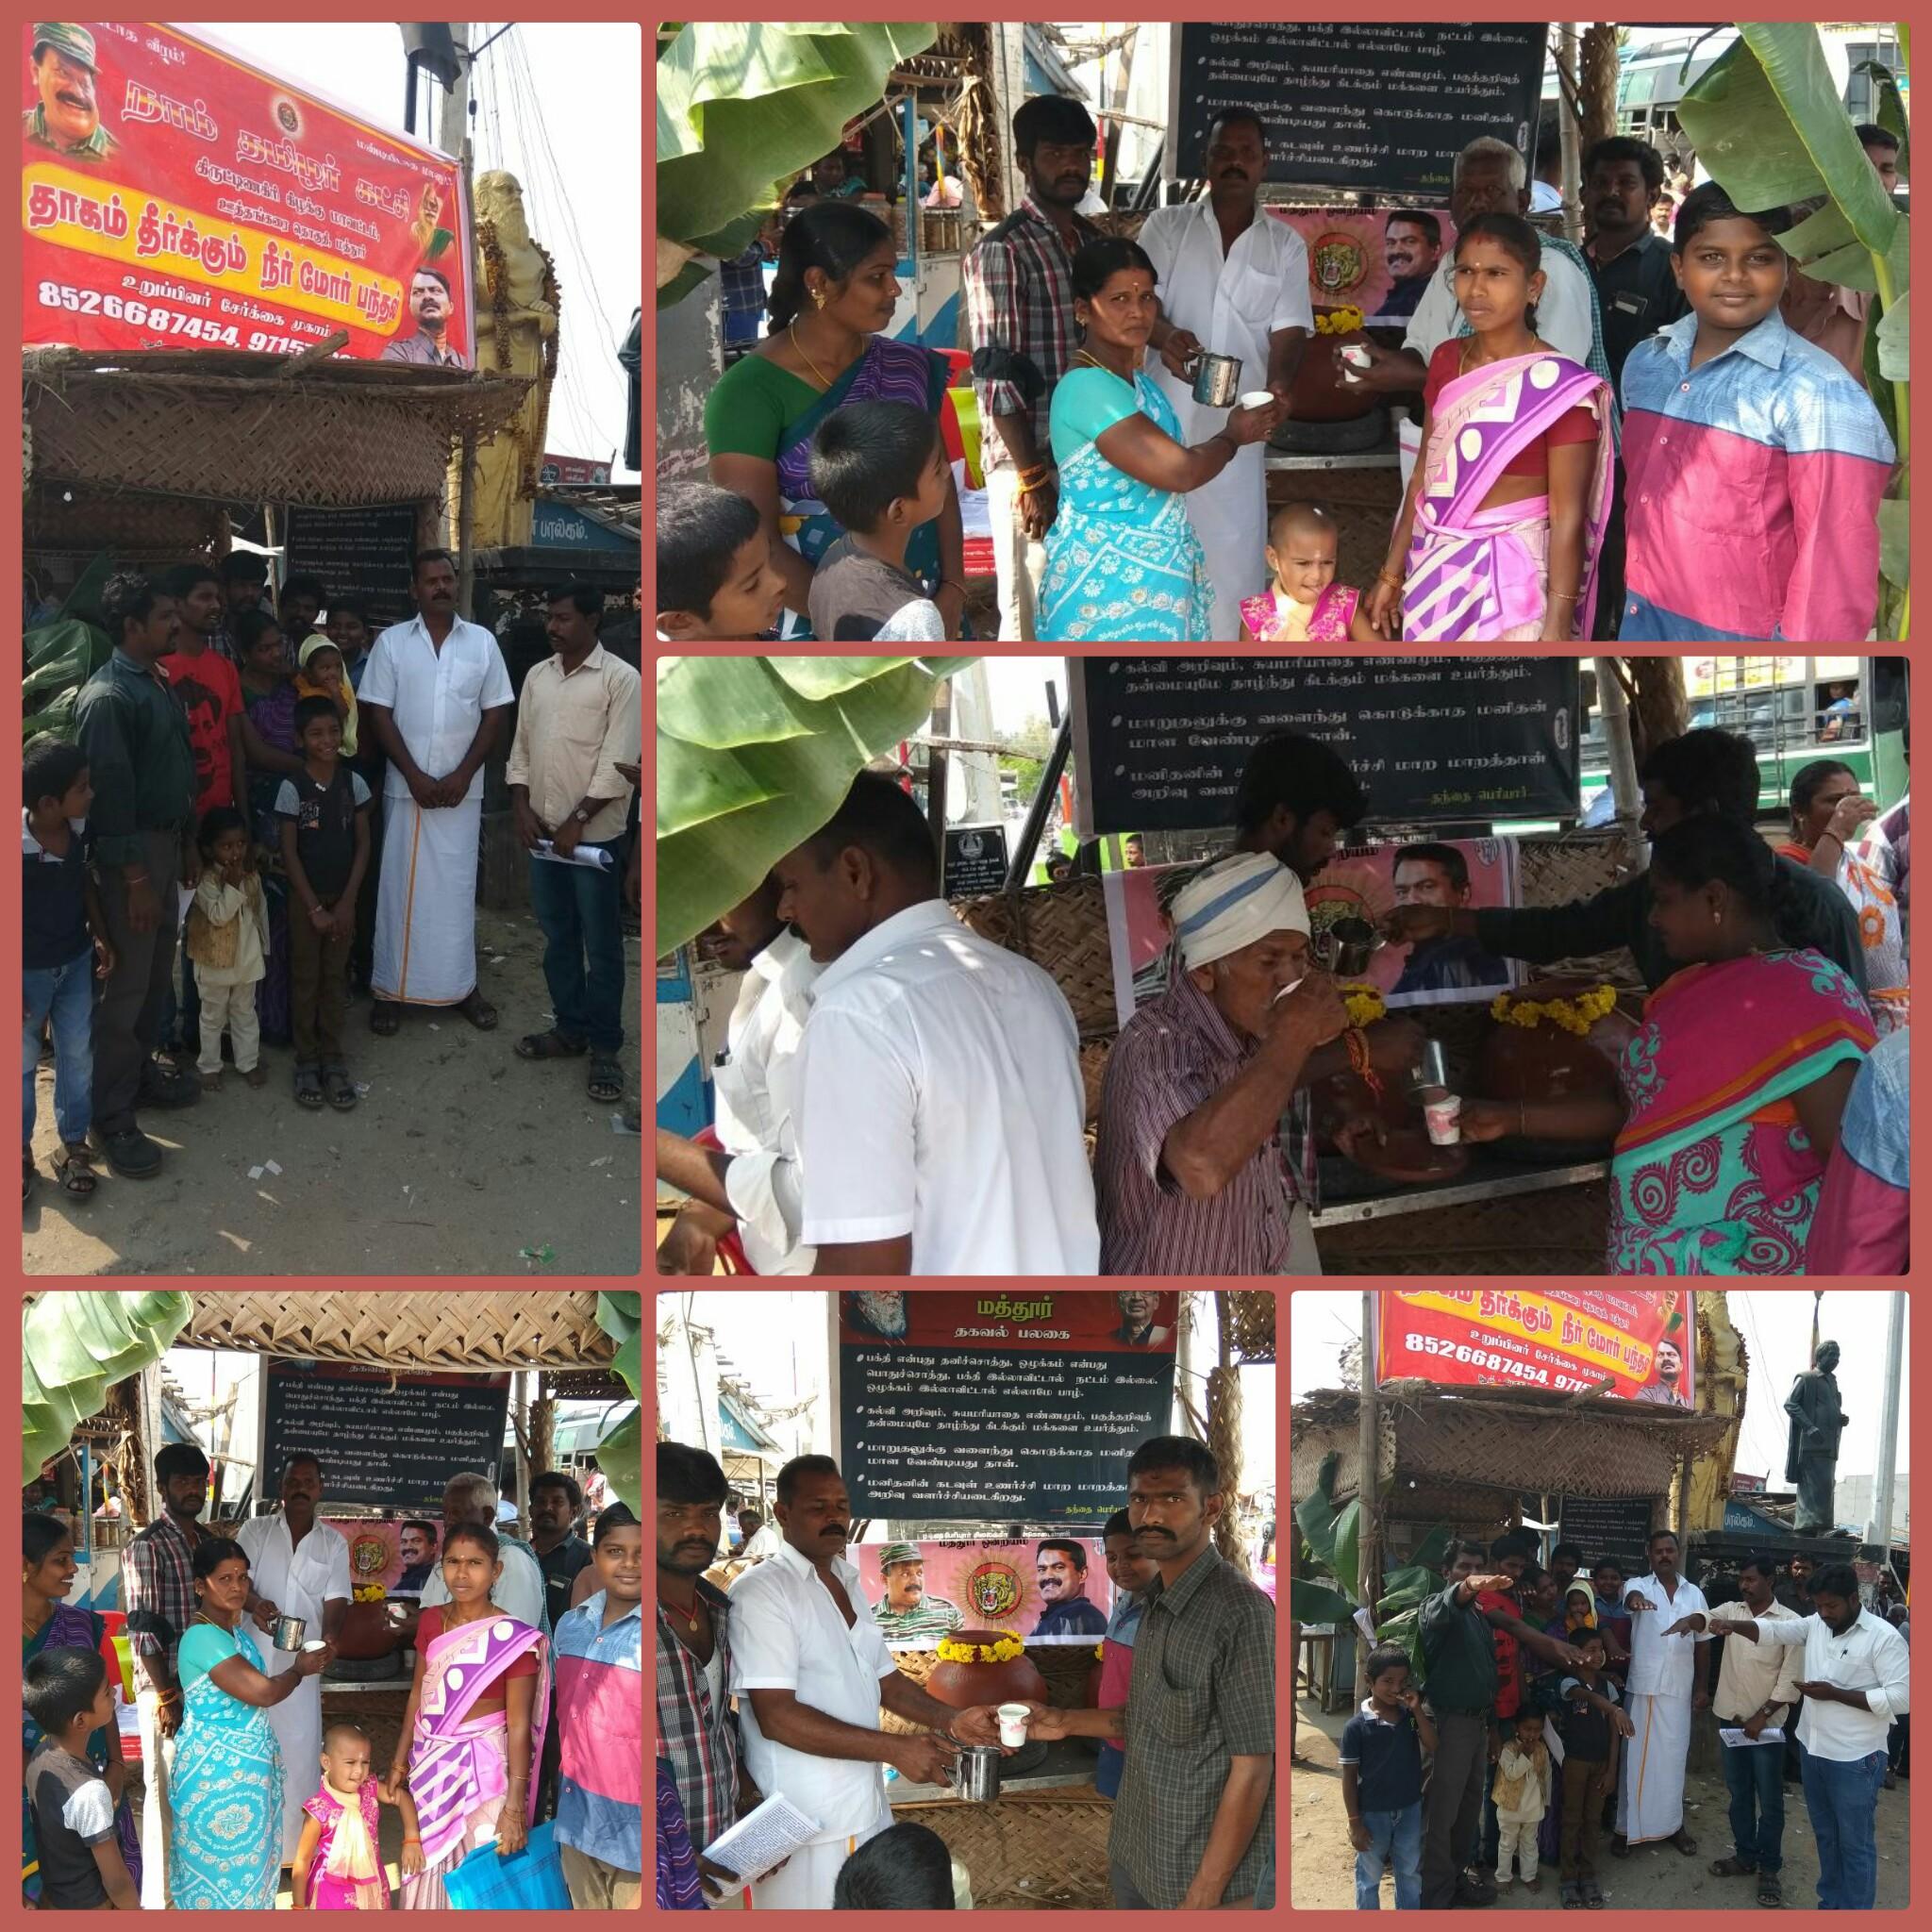 கிருட்டிணகிரி மாவட்டத்தில் பல்வேறு இடங்களில் தாகம் தீர்க்கும் நீர்-மோர் பந்தல் திறப்பு naam tamilar katchi neer mor panthal ooththangarai thoguthy maththur bus stand kirushnagiri